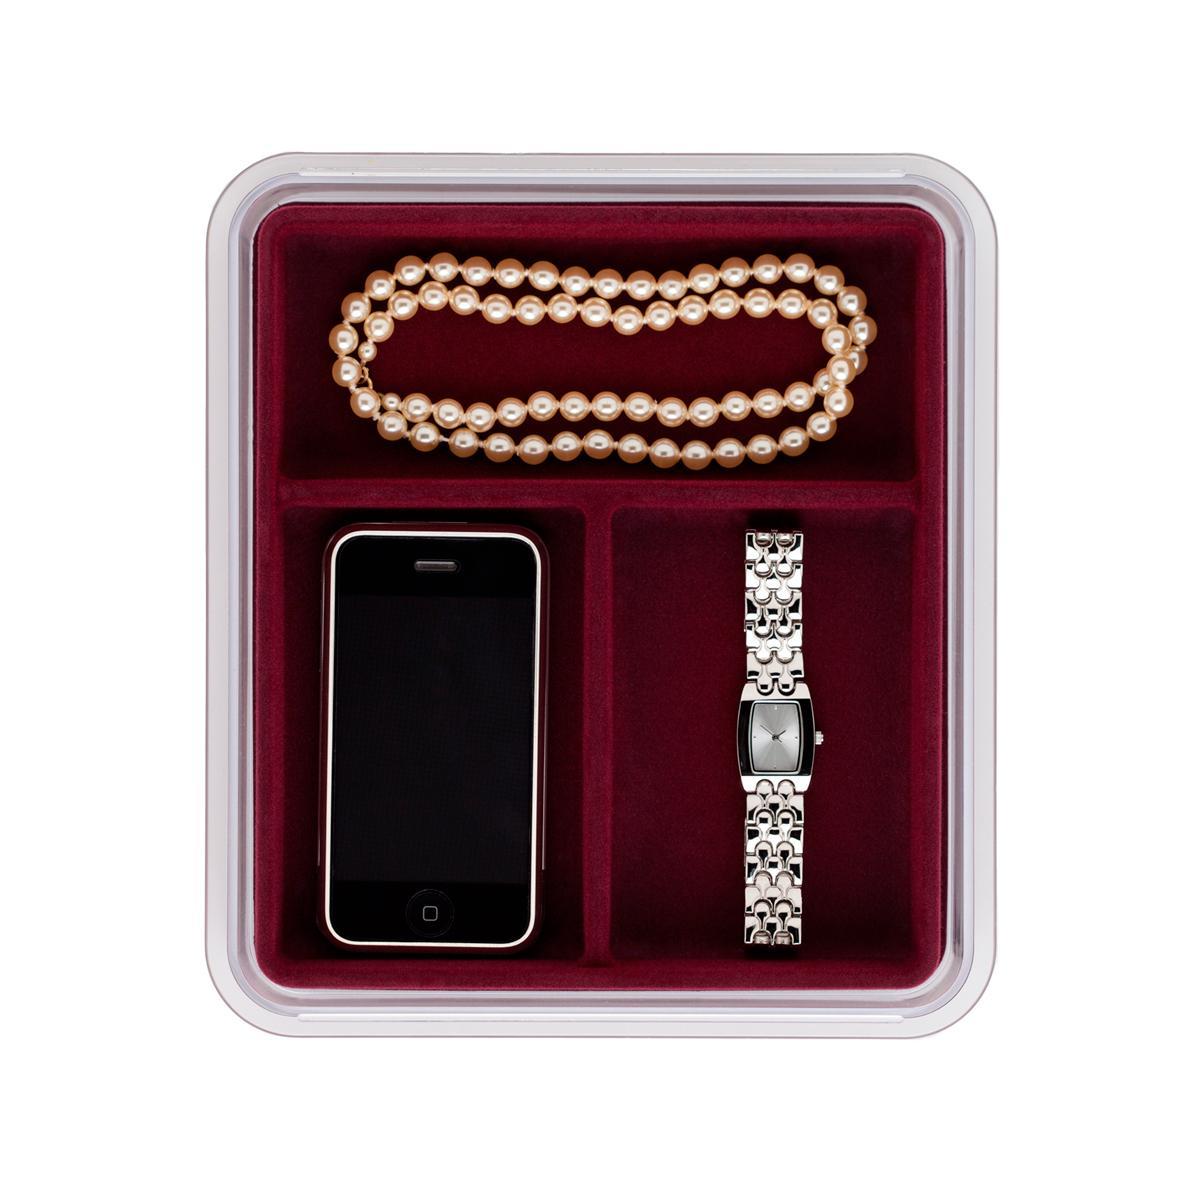 Amazon.com: Neatnix Stax Jewelry Organizer Tray, 3